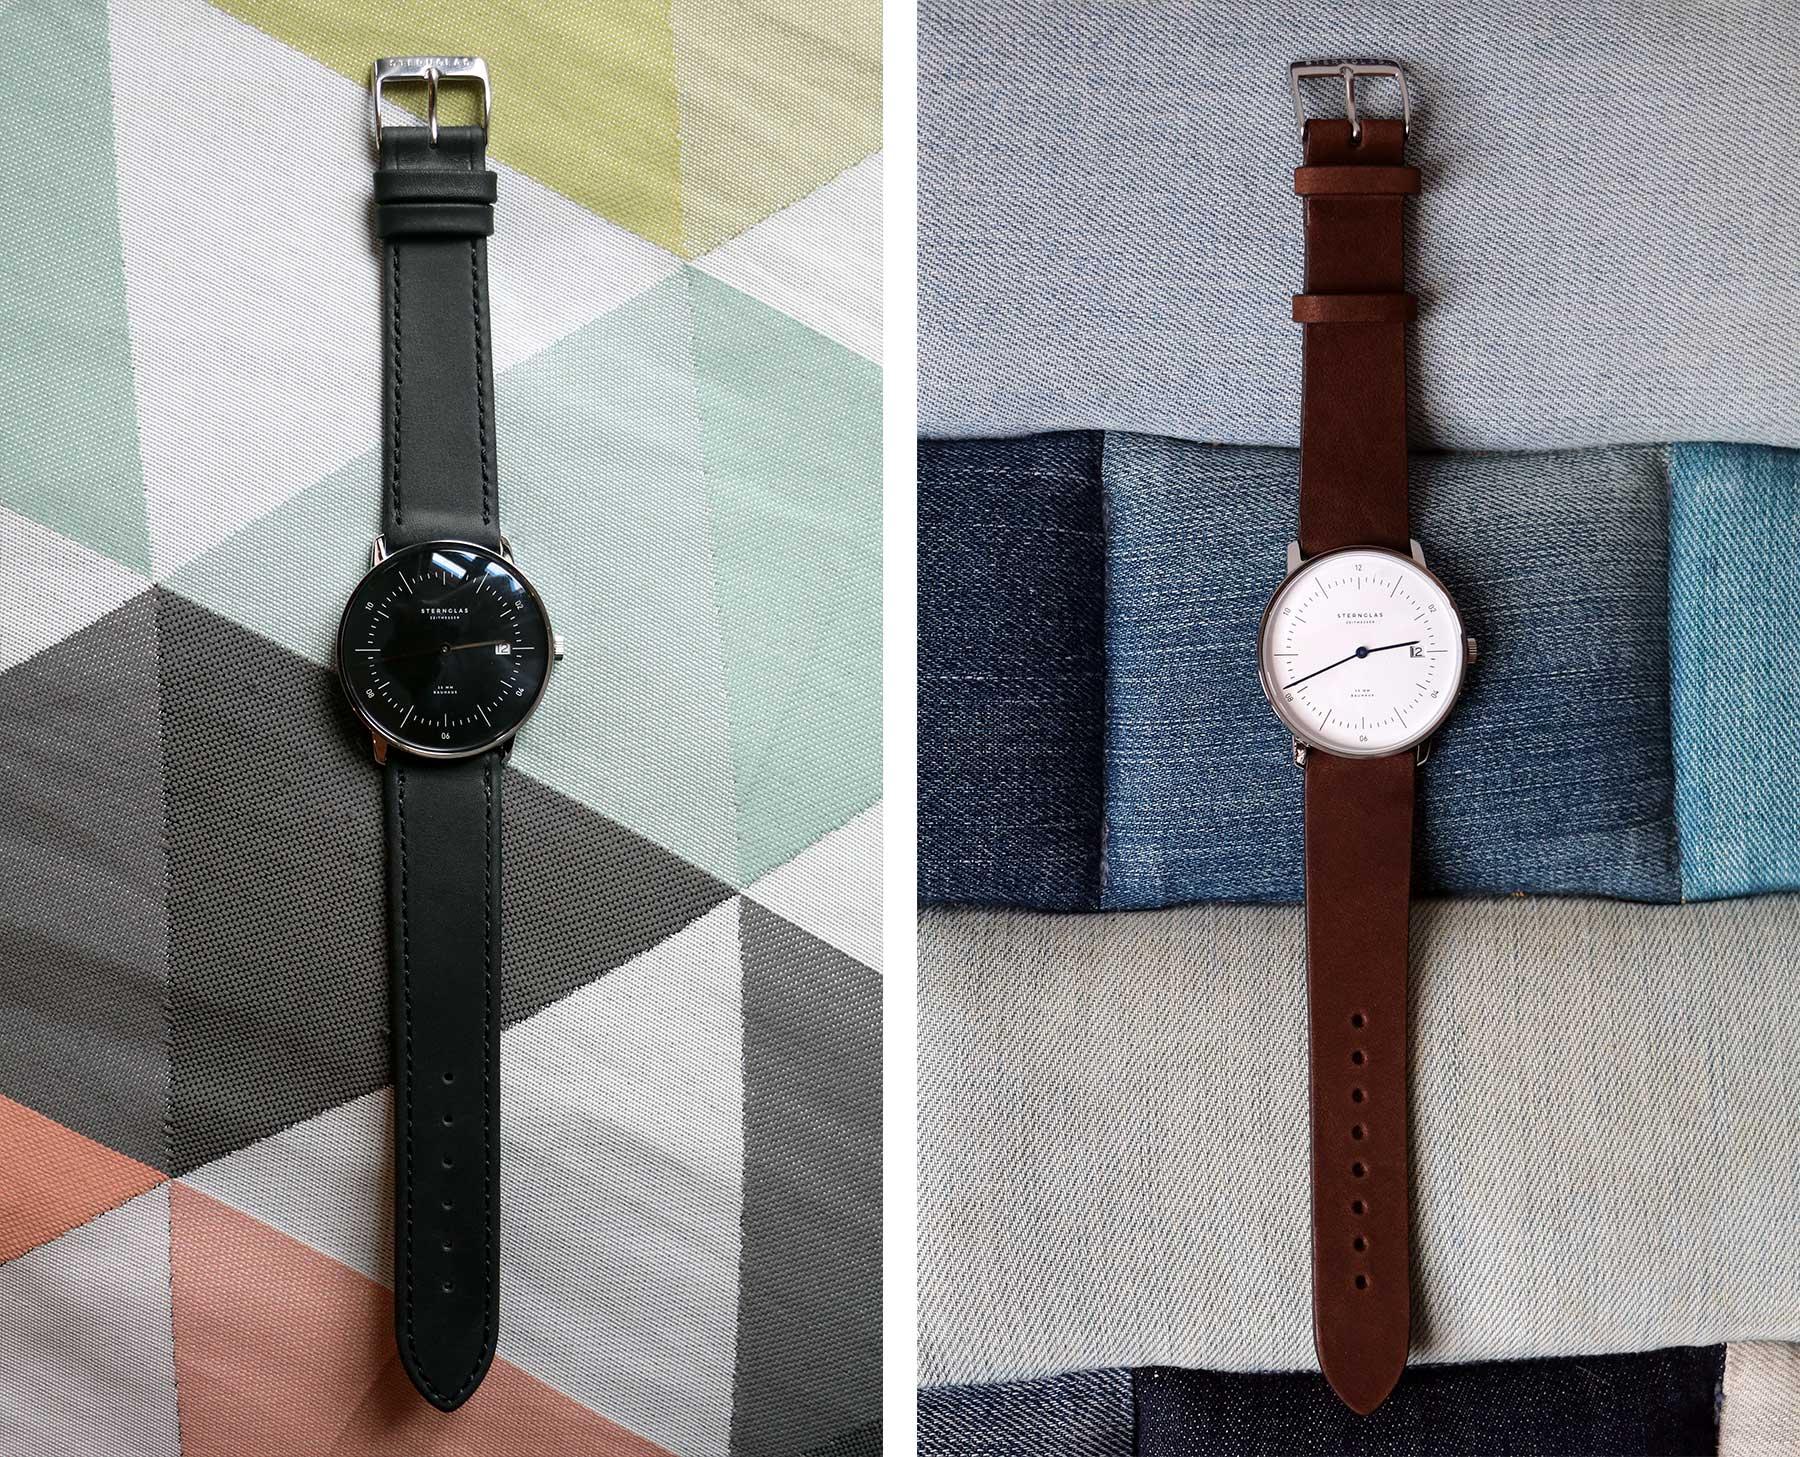 Die neuen Bauhaus-Uhren von STERNGLAS im Test: NAOS Sternglas-NAOS-Uhr-Test_05